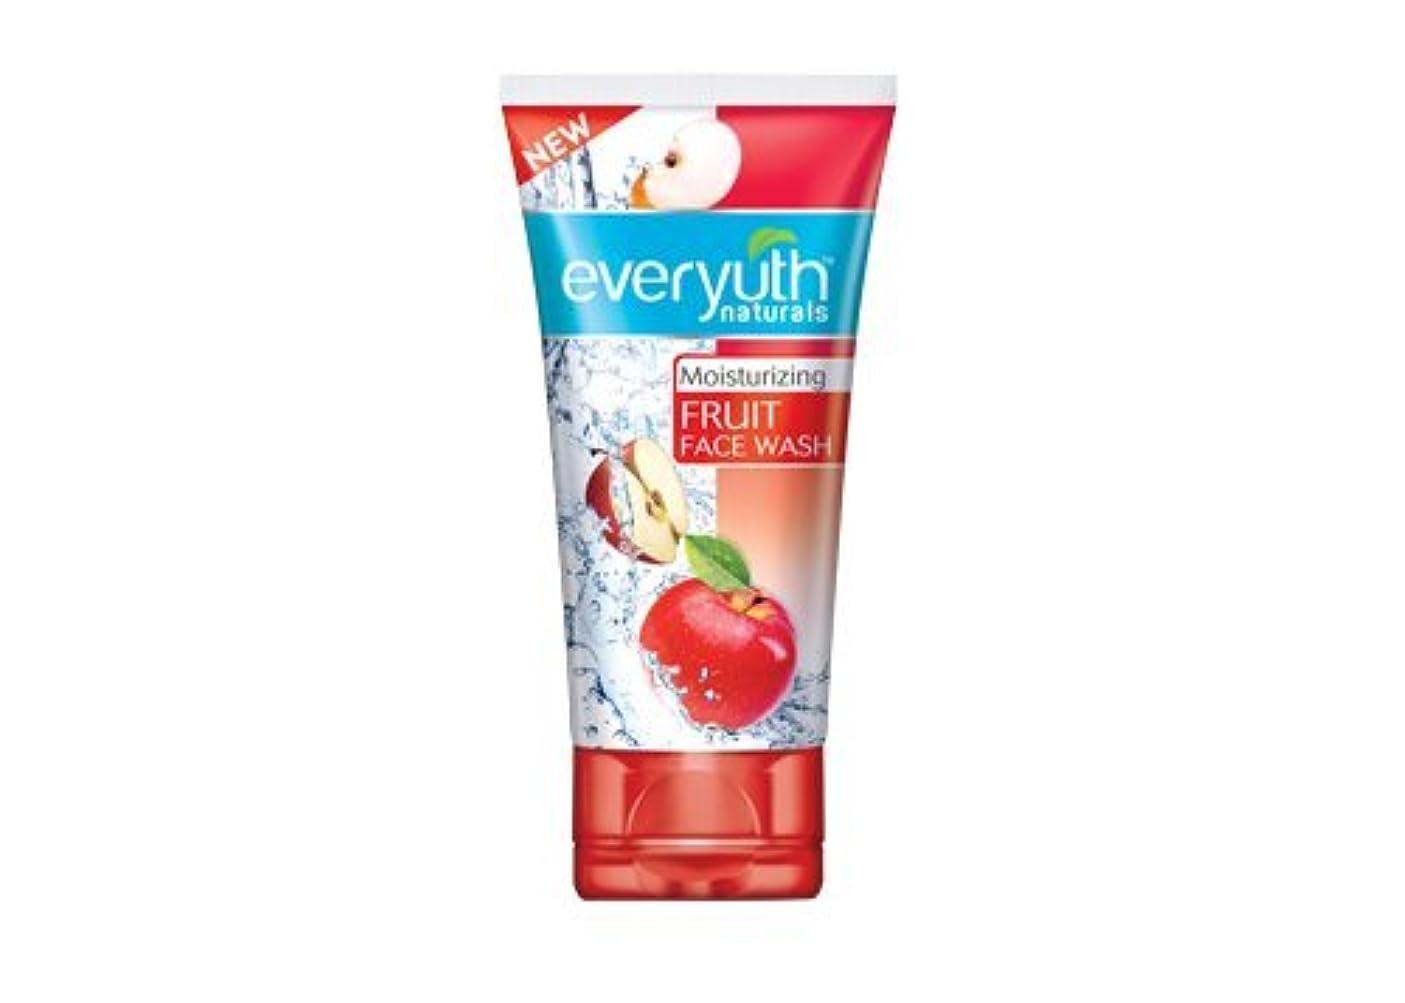 ピニオン対象上昇Everyuth Naturals Moisturizing Fruit Face Wash (50 g)